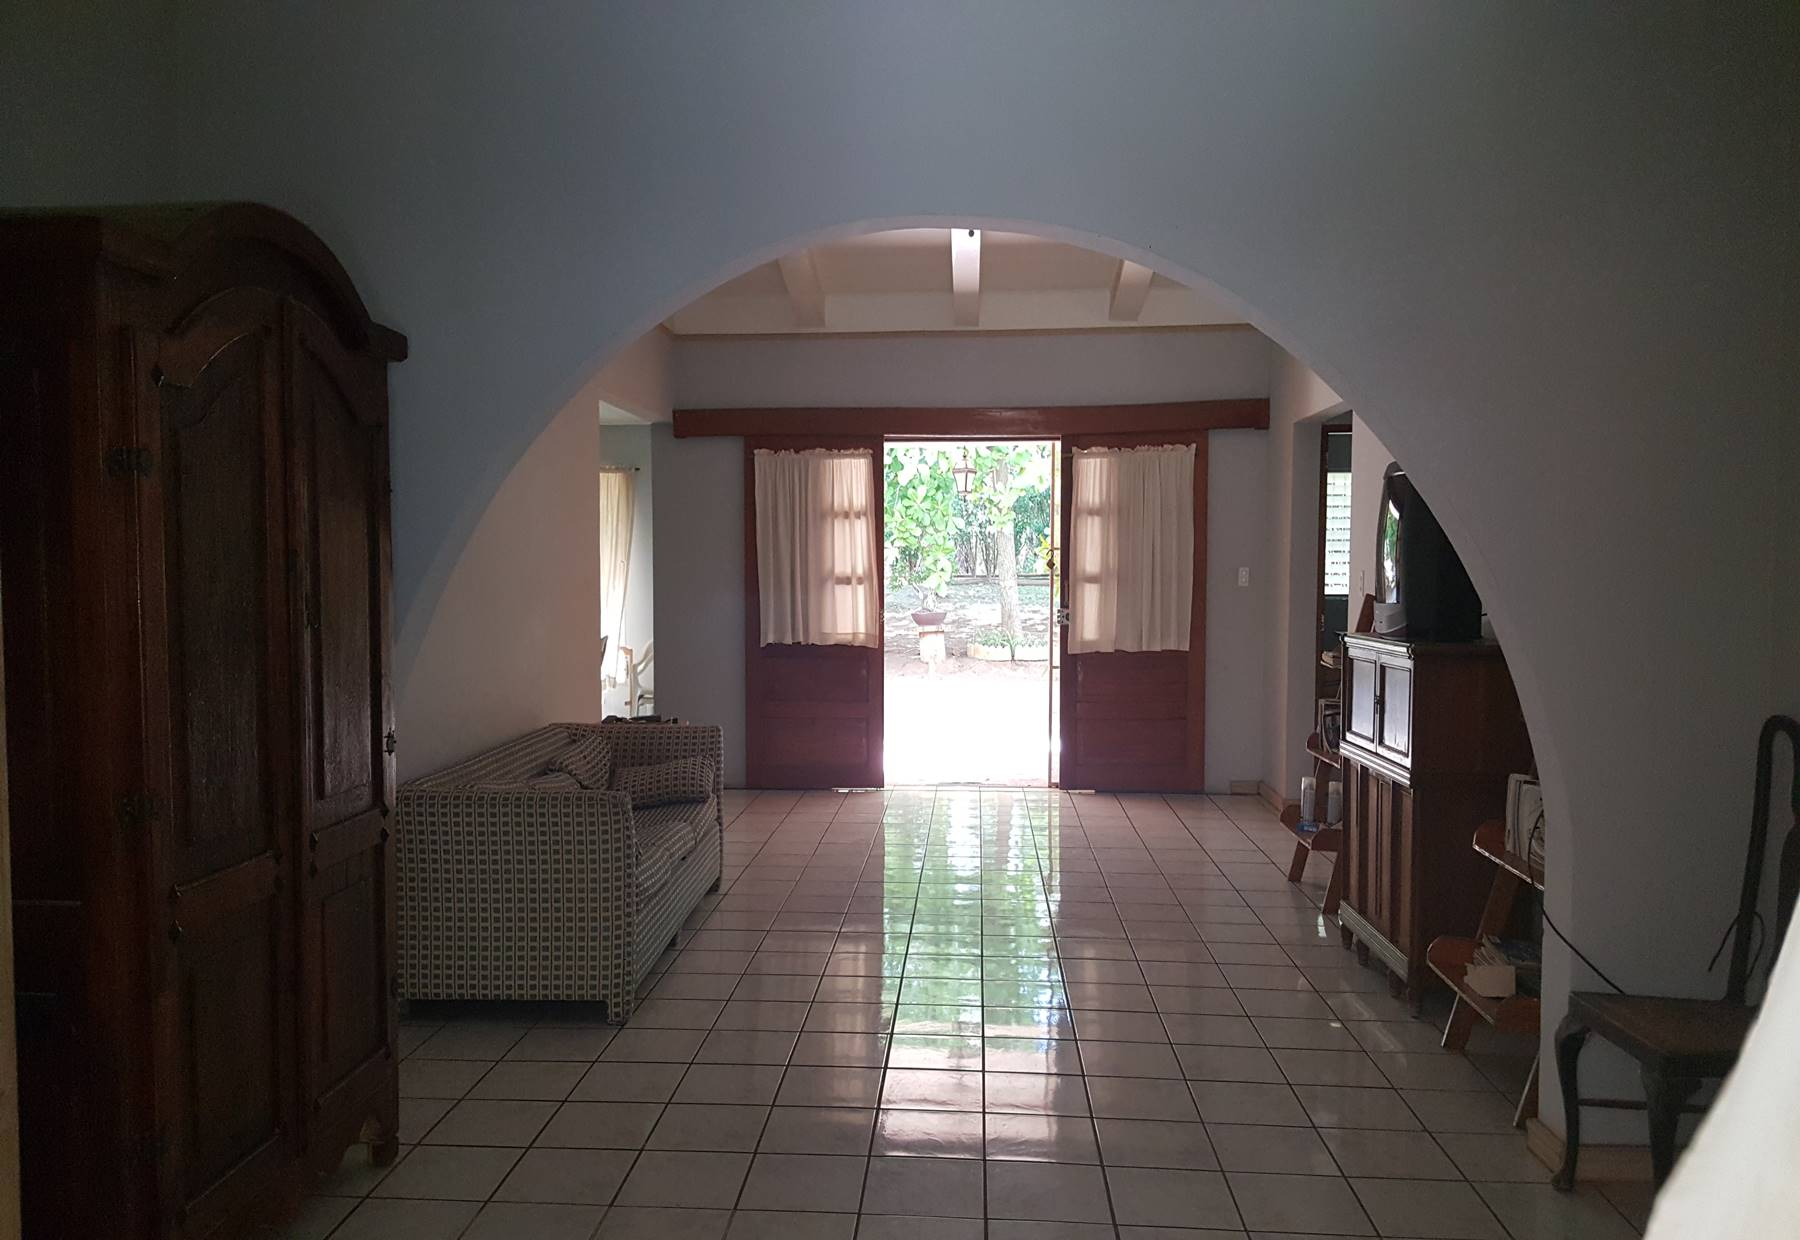 carretera-vieja-a-leon-kmc-bienes-raices-7153063-29